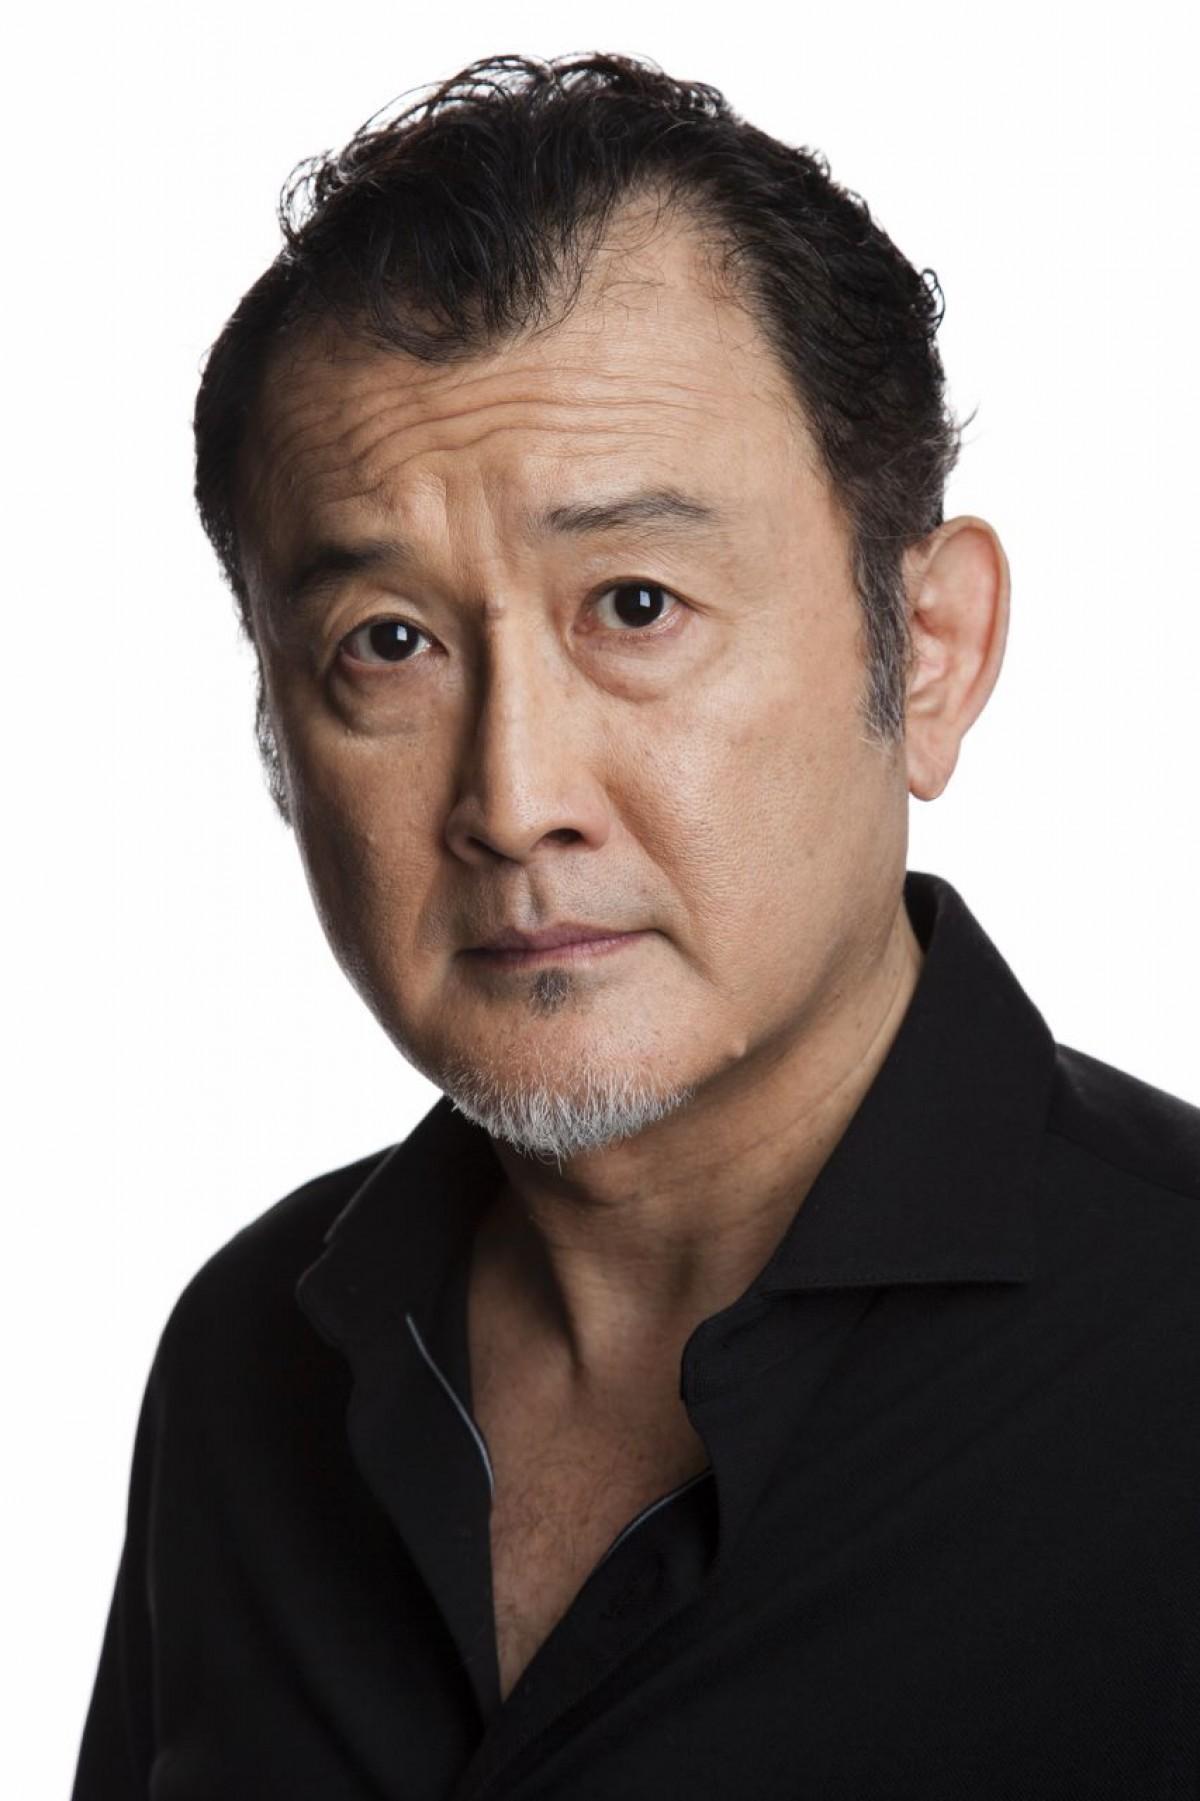 【渋い】最近よくTVで観る吉田鋼太郎さんの妻は?【ダンディ】のサムネイル画像